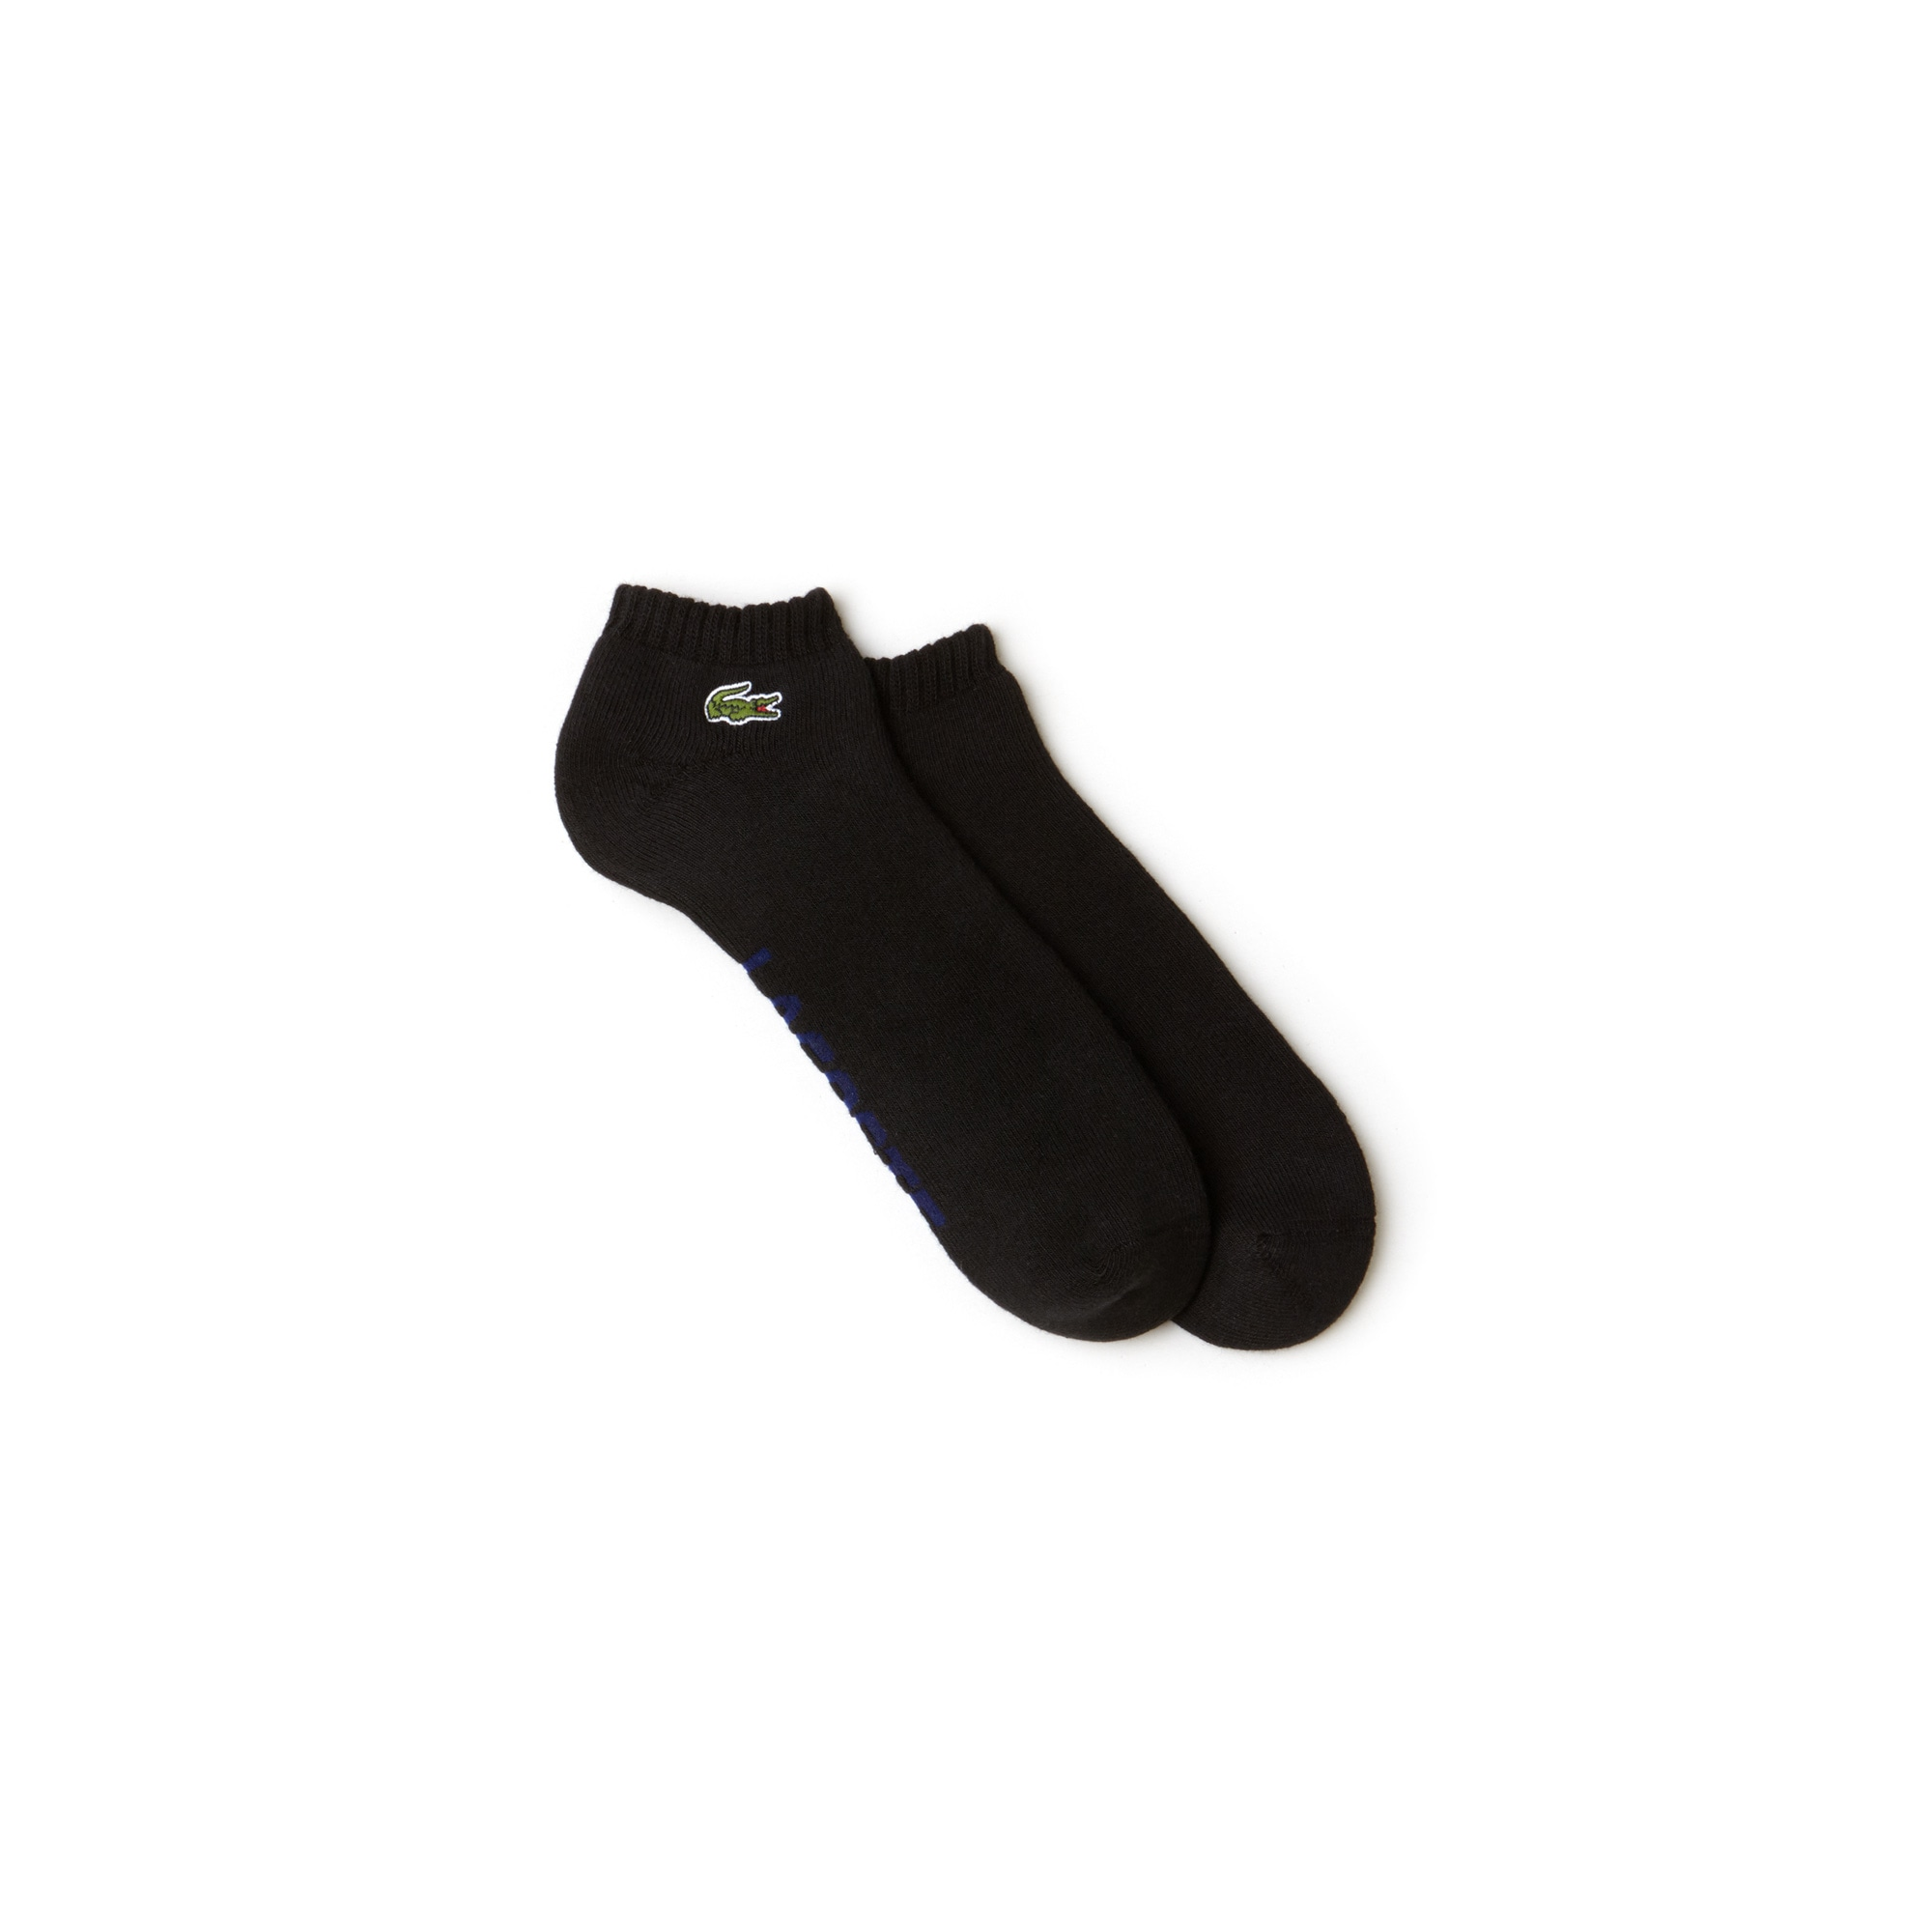 جوارب مصنوعة من جيرسيه البوكليه ذو قصة منخفضة من مجموعة Lacoste SPORT للرجال